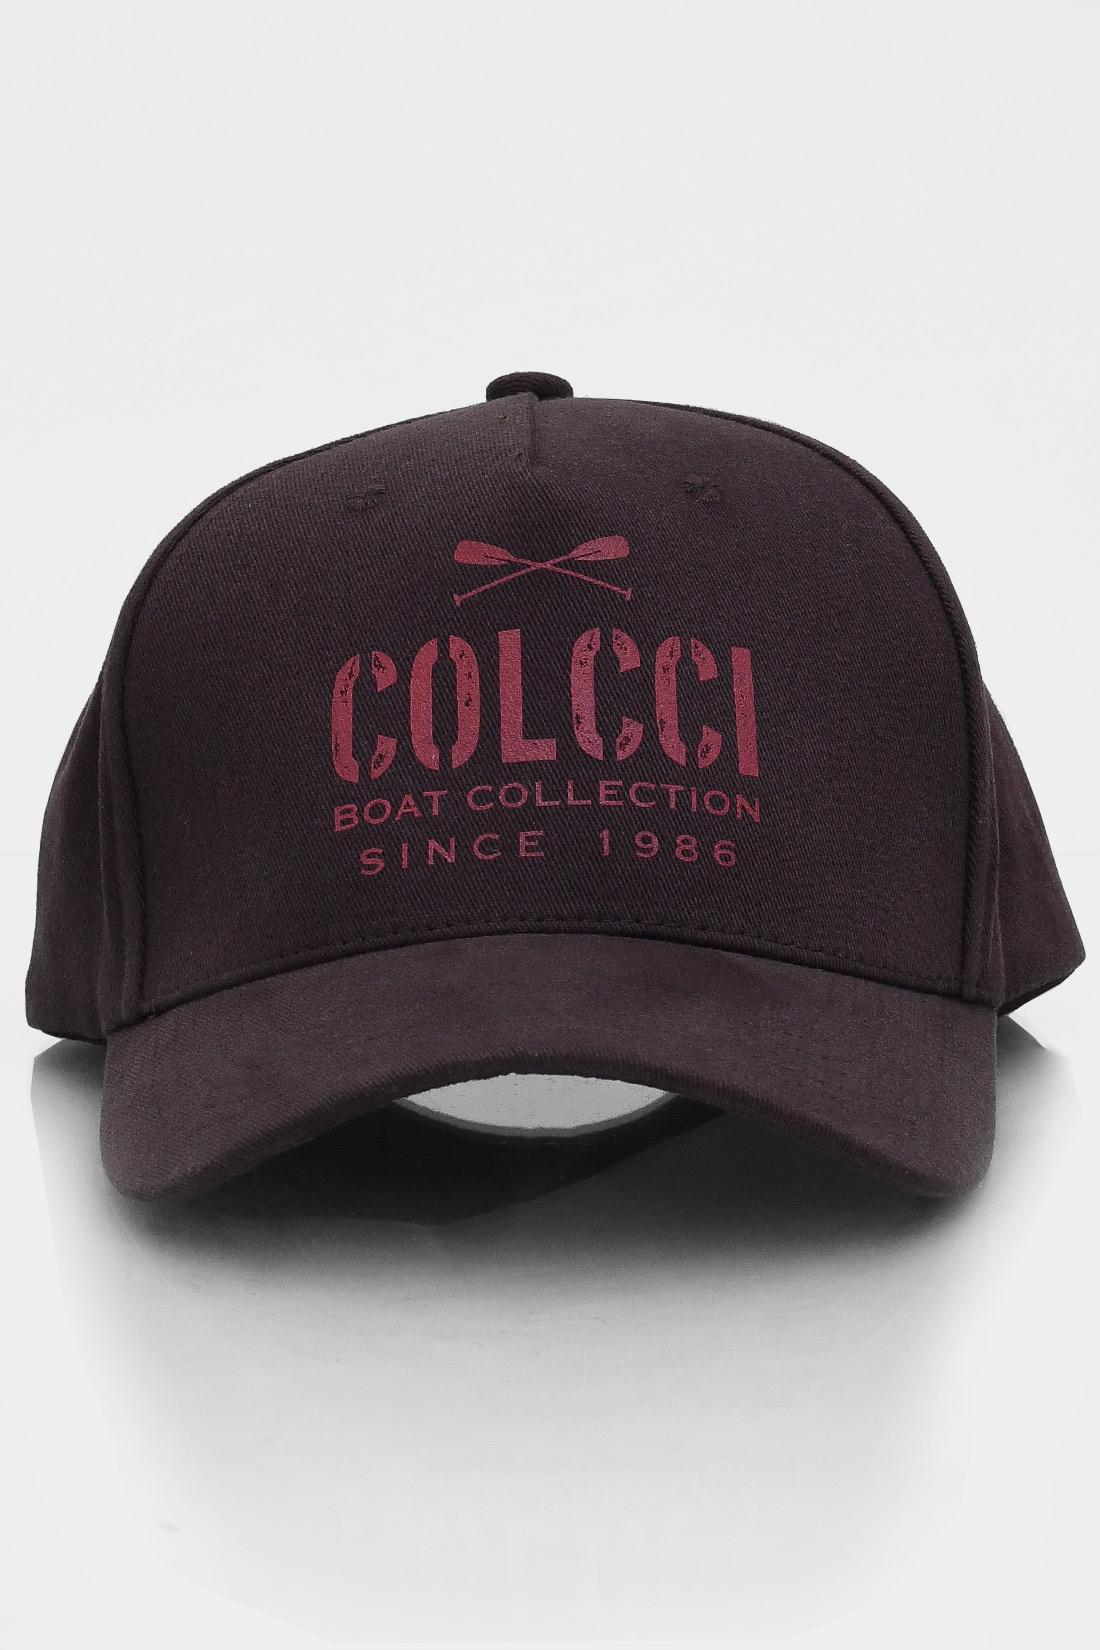 Bone Colcci Boat Collection